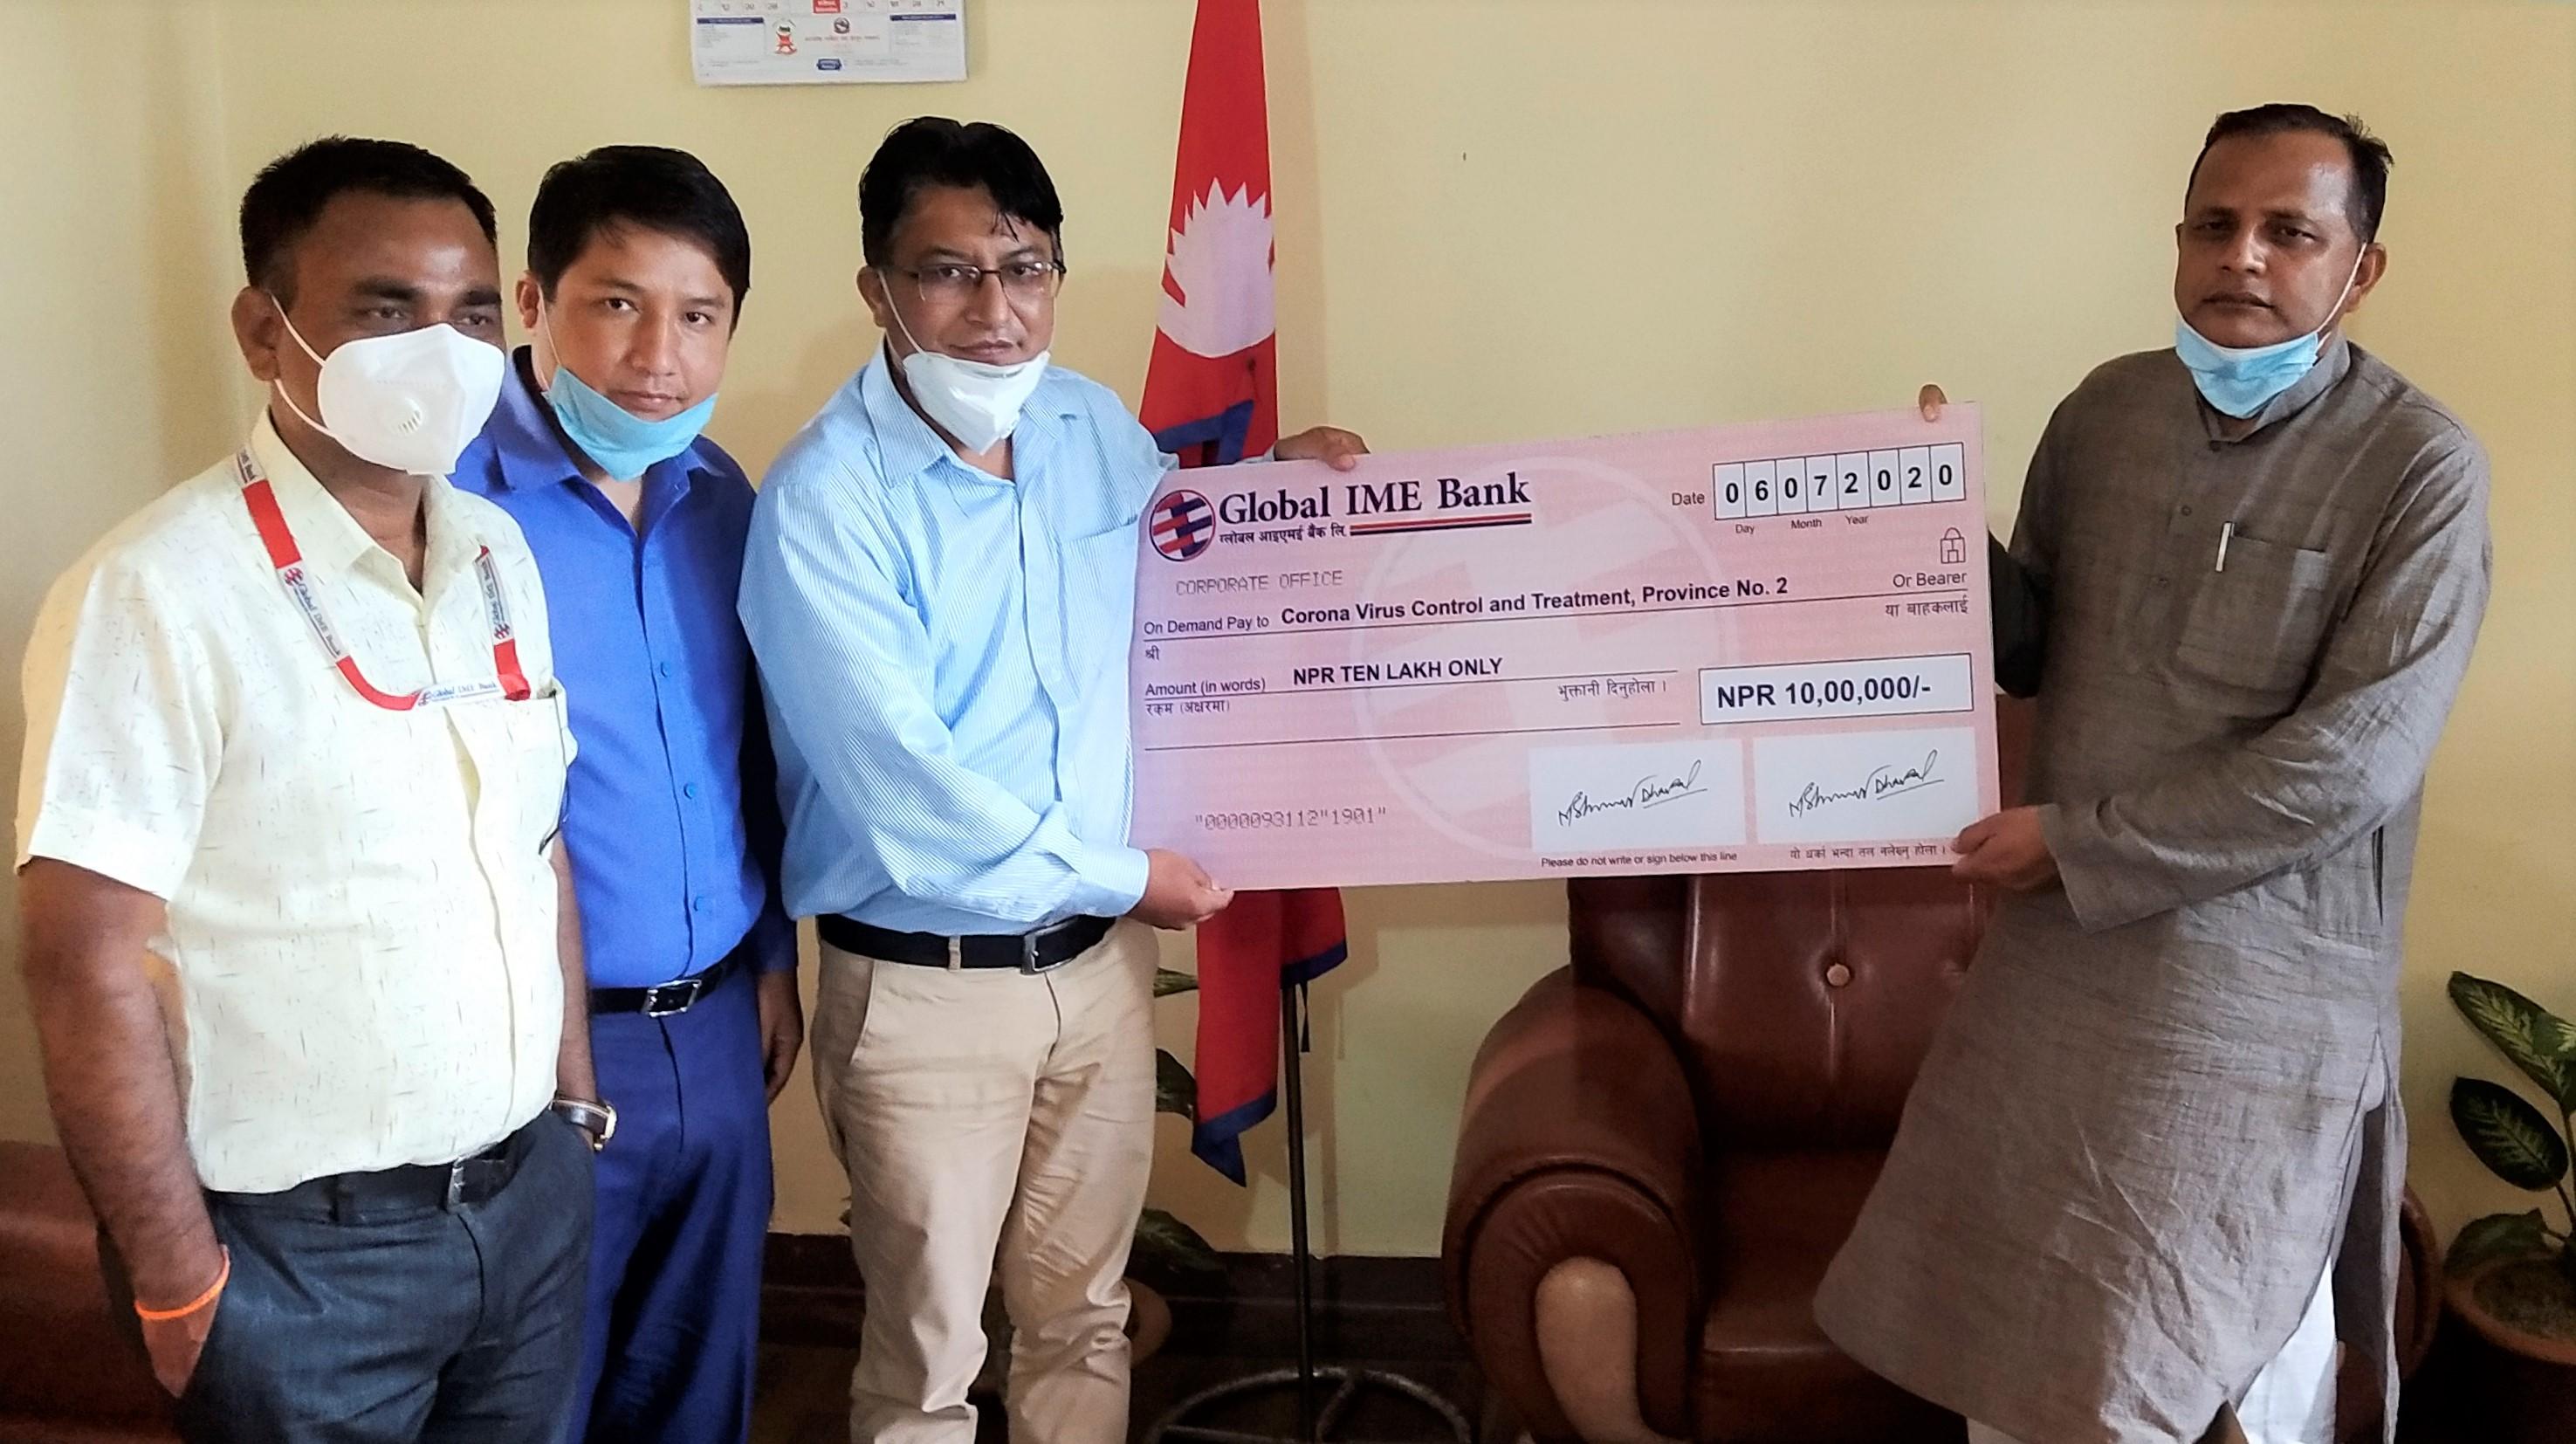 ग्लोबल आइएमई बैंकद्वारा प्रदेश नं. २ लाई कोरोना नियन्त्रणका लागि आर्थिक सहयोग